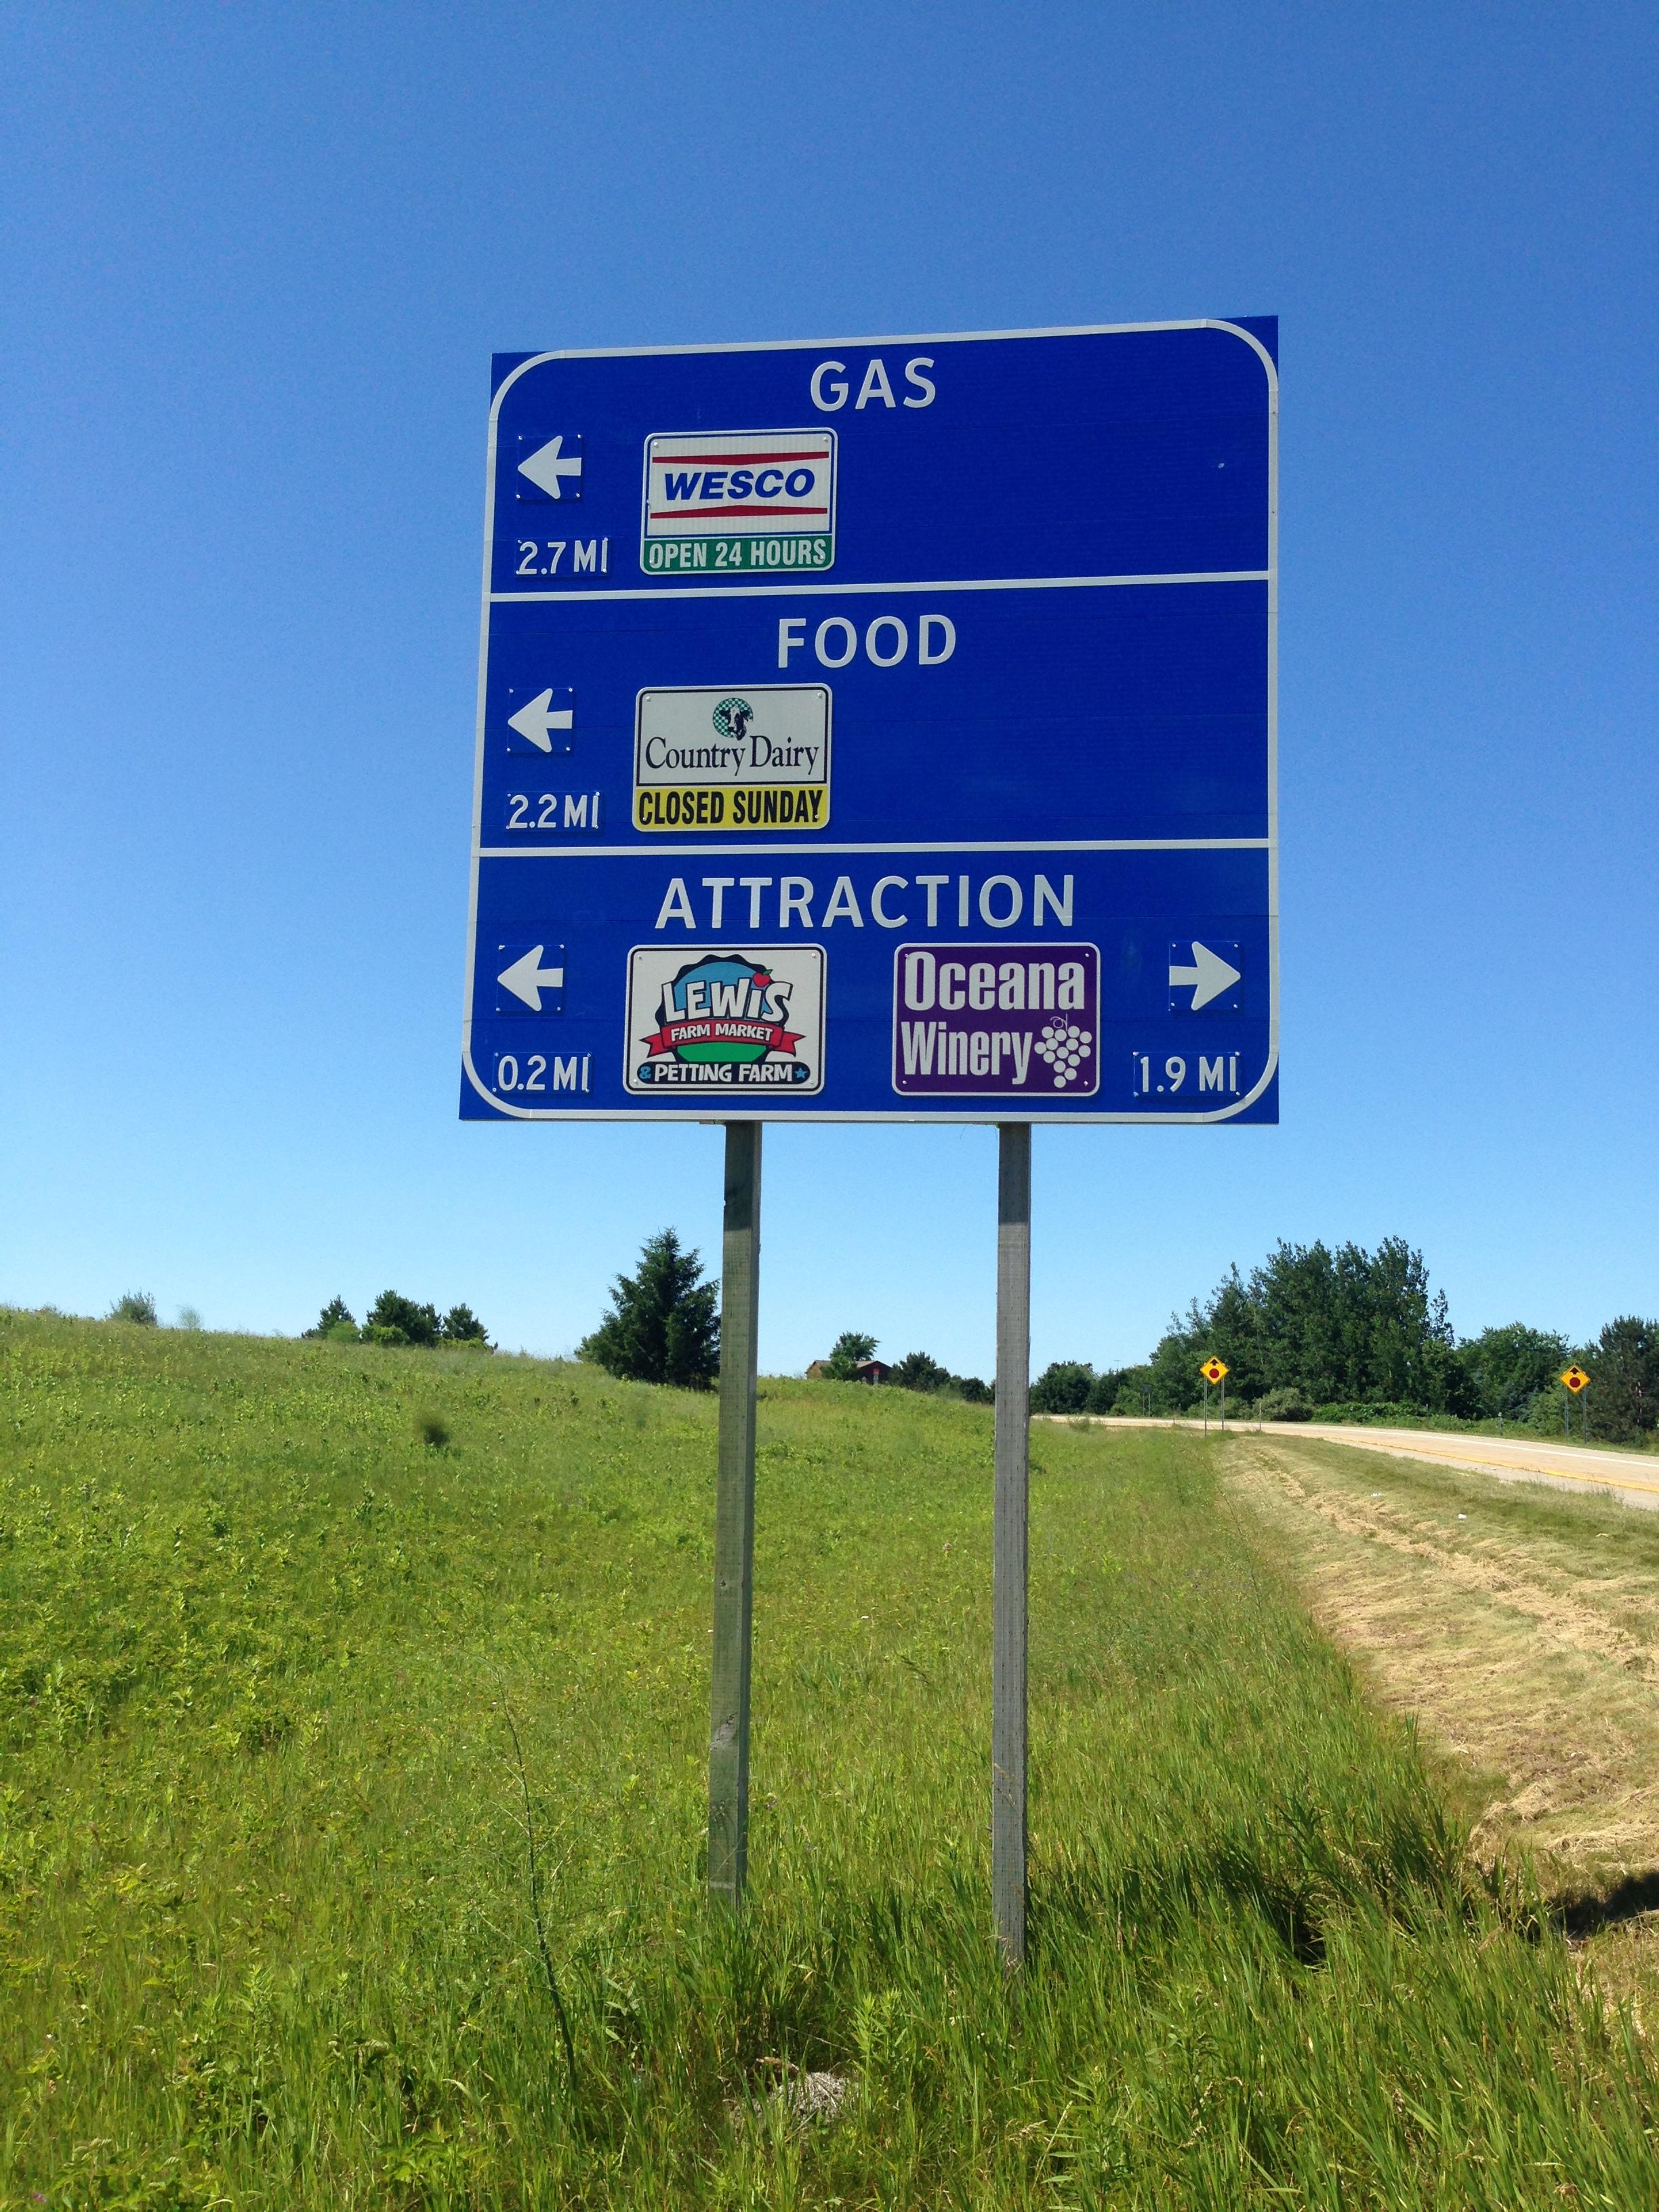 US31 Exit 140